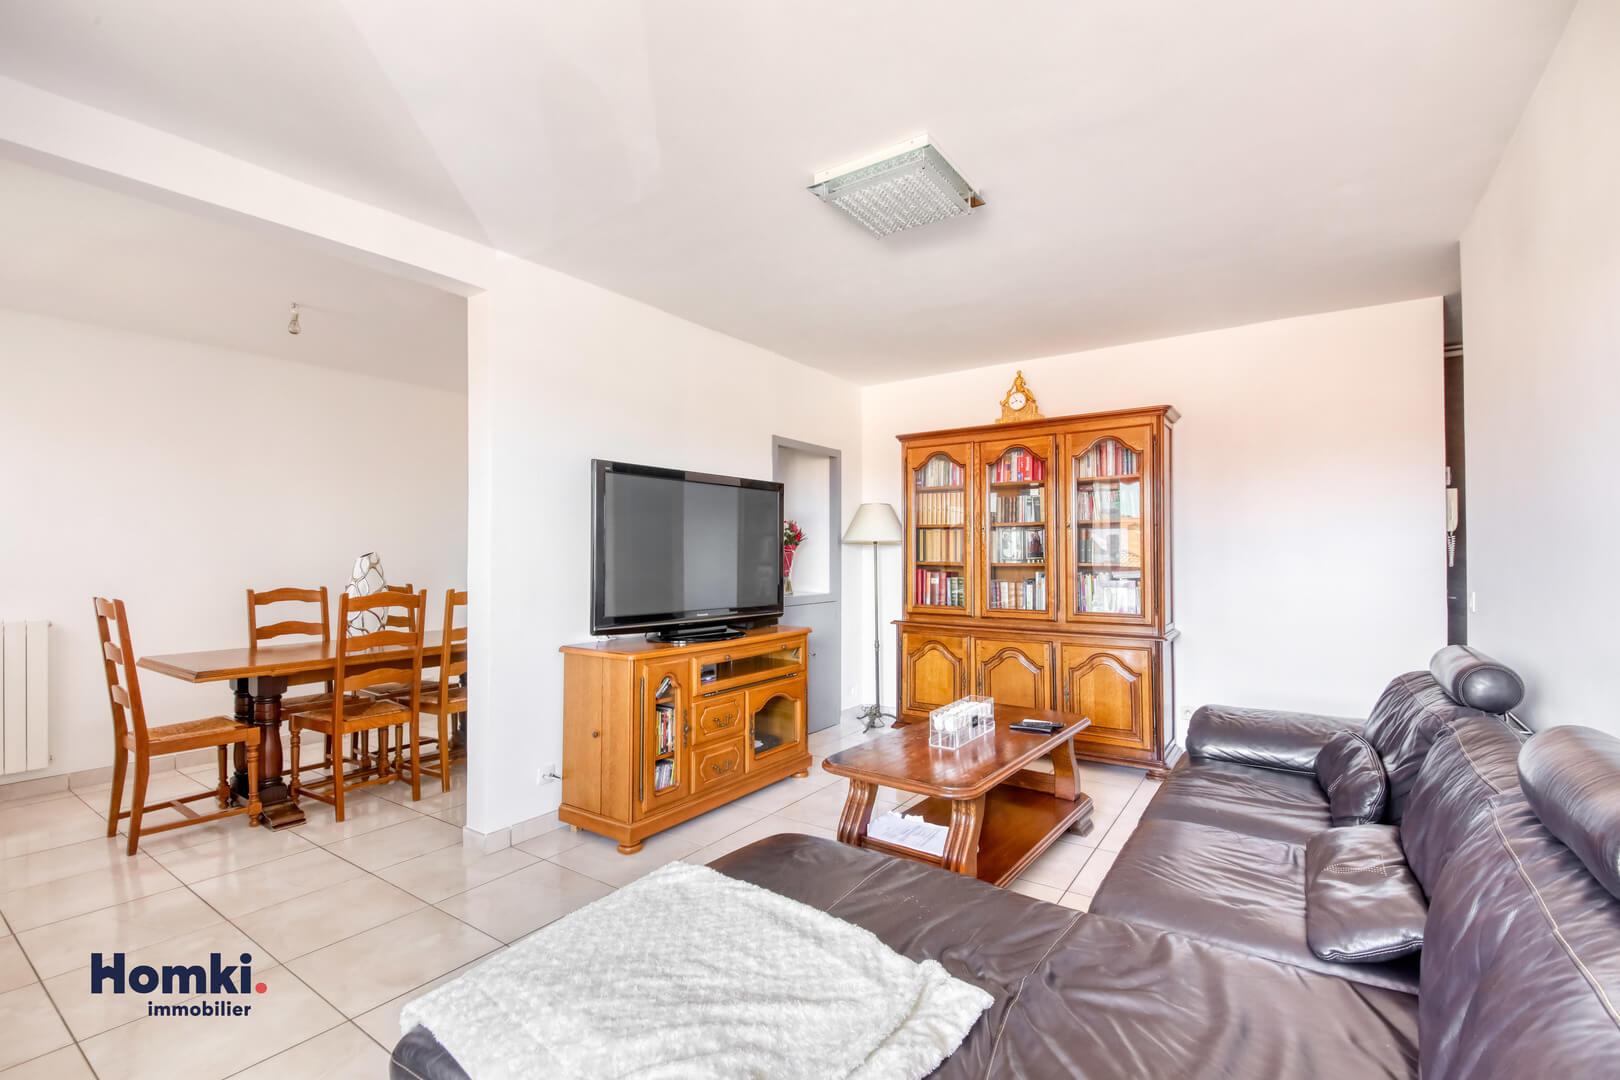 Vente Appartement 81 m² T5 13015_3